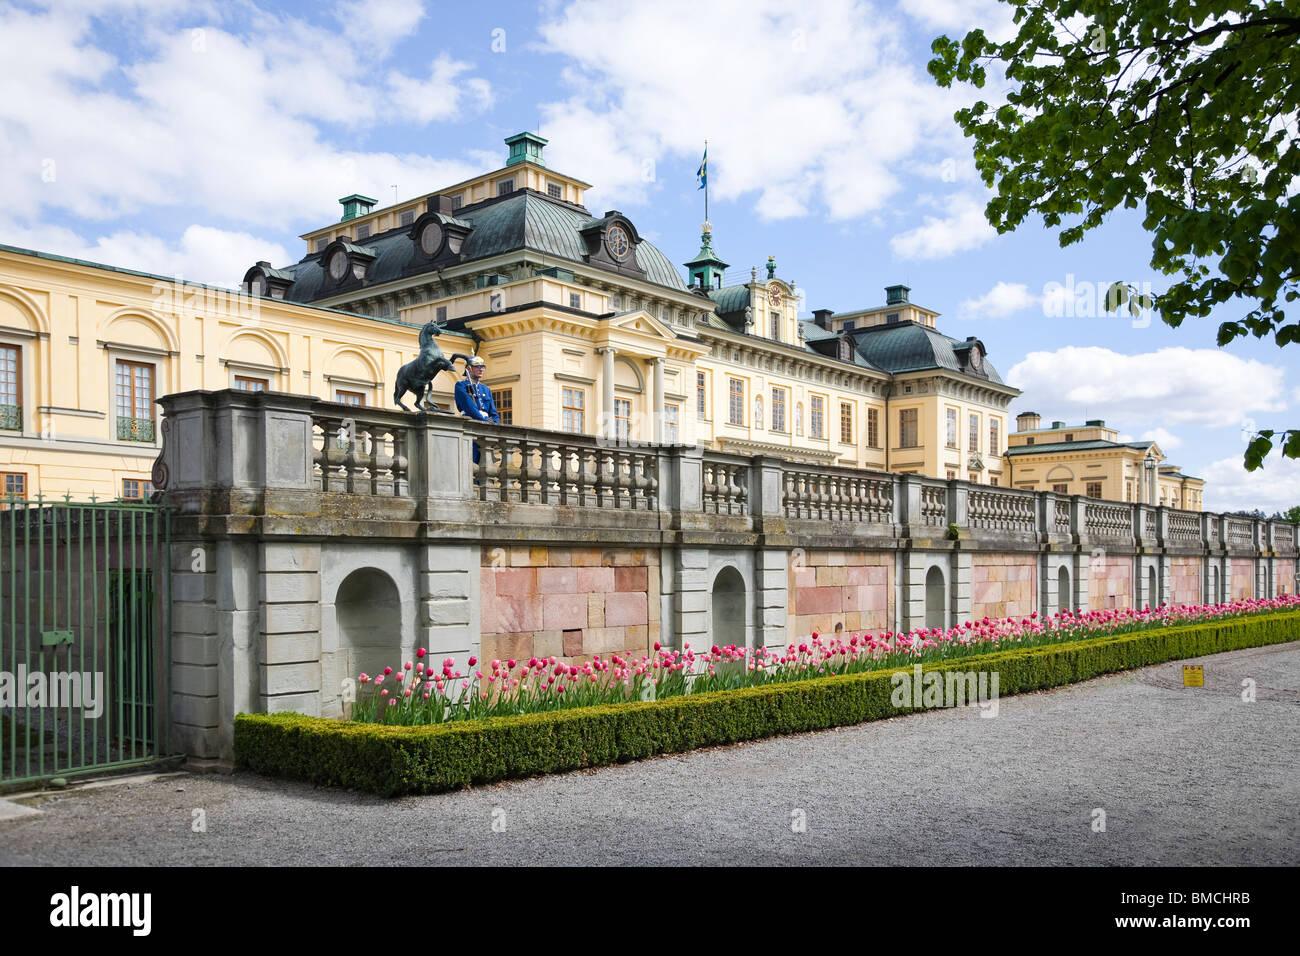 La Maison De La Suede château de drottningholm, en suède, la maison de la famille